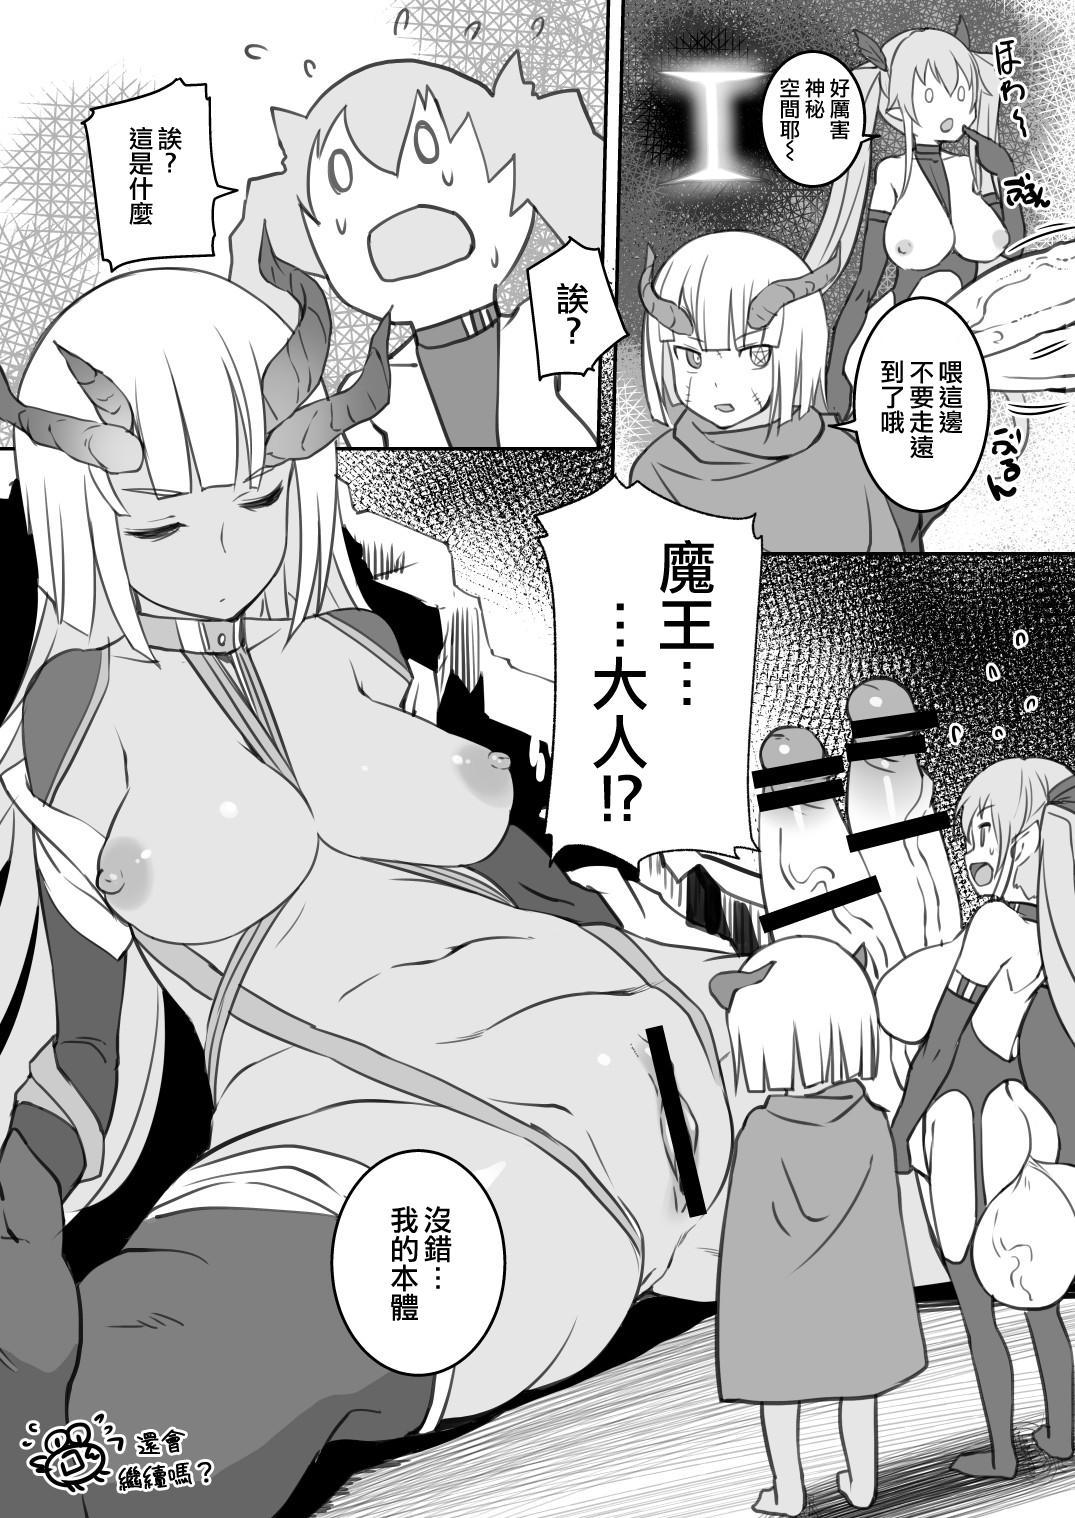 Inma-san no Onaho Jijou 1.5 丨淫魔飛機杯二三事 1.5 14